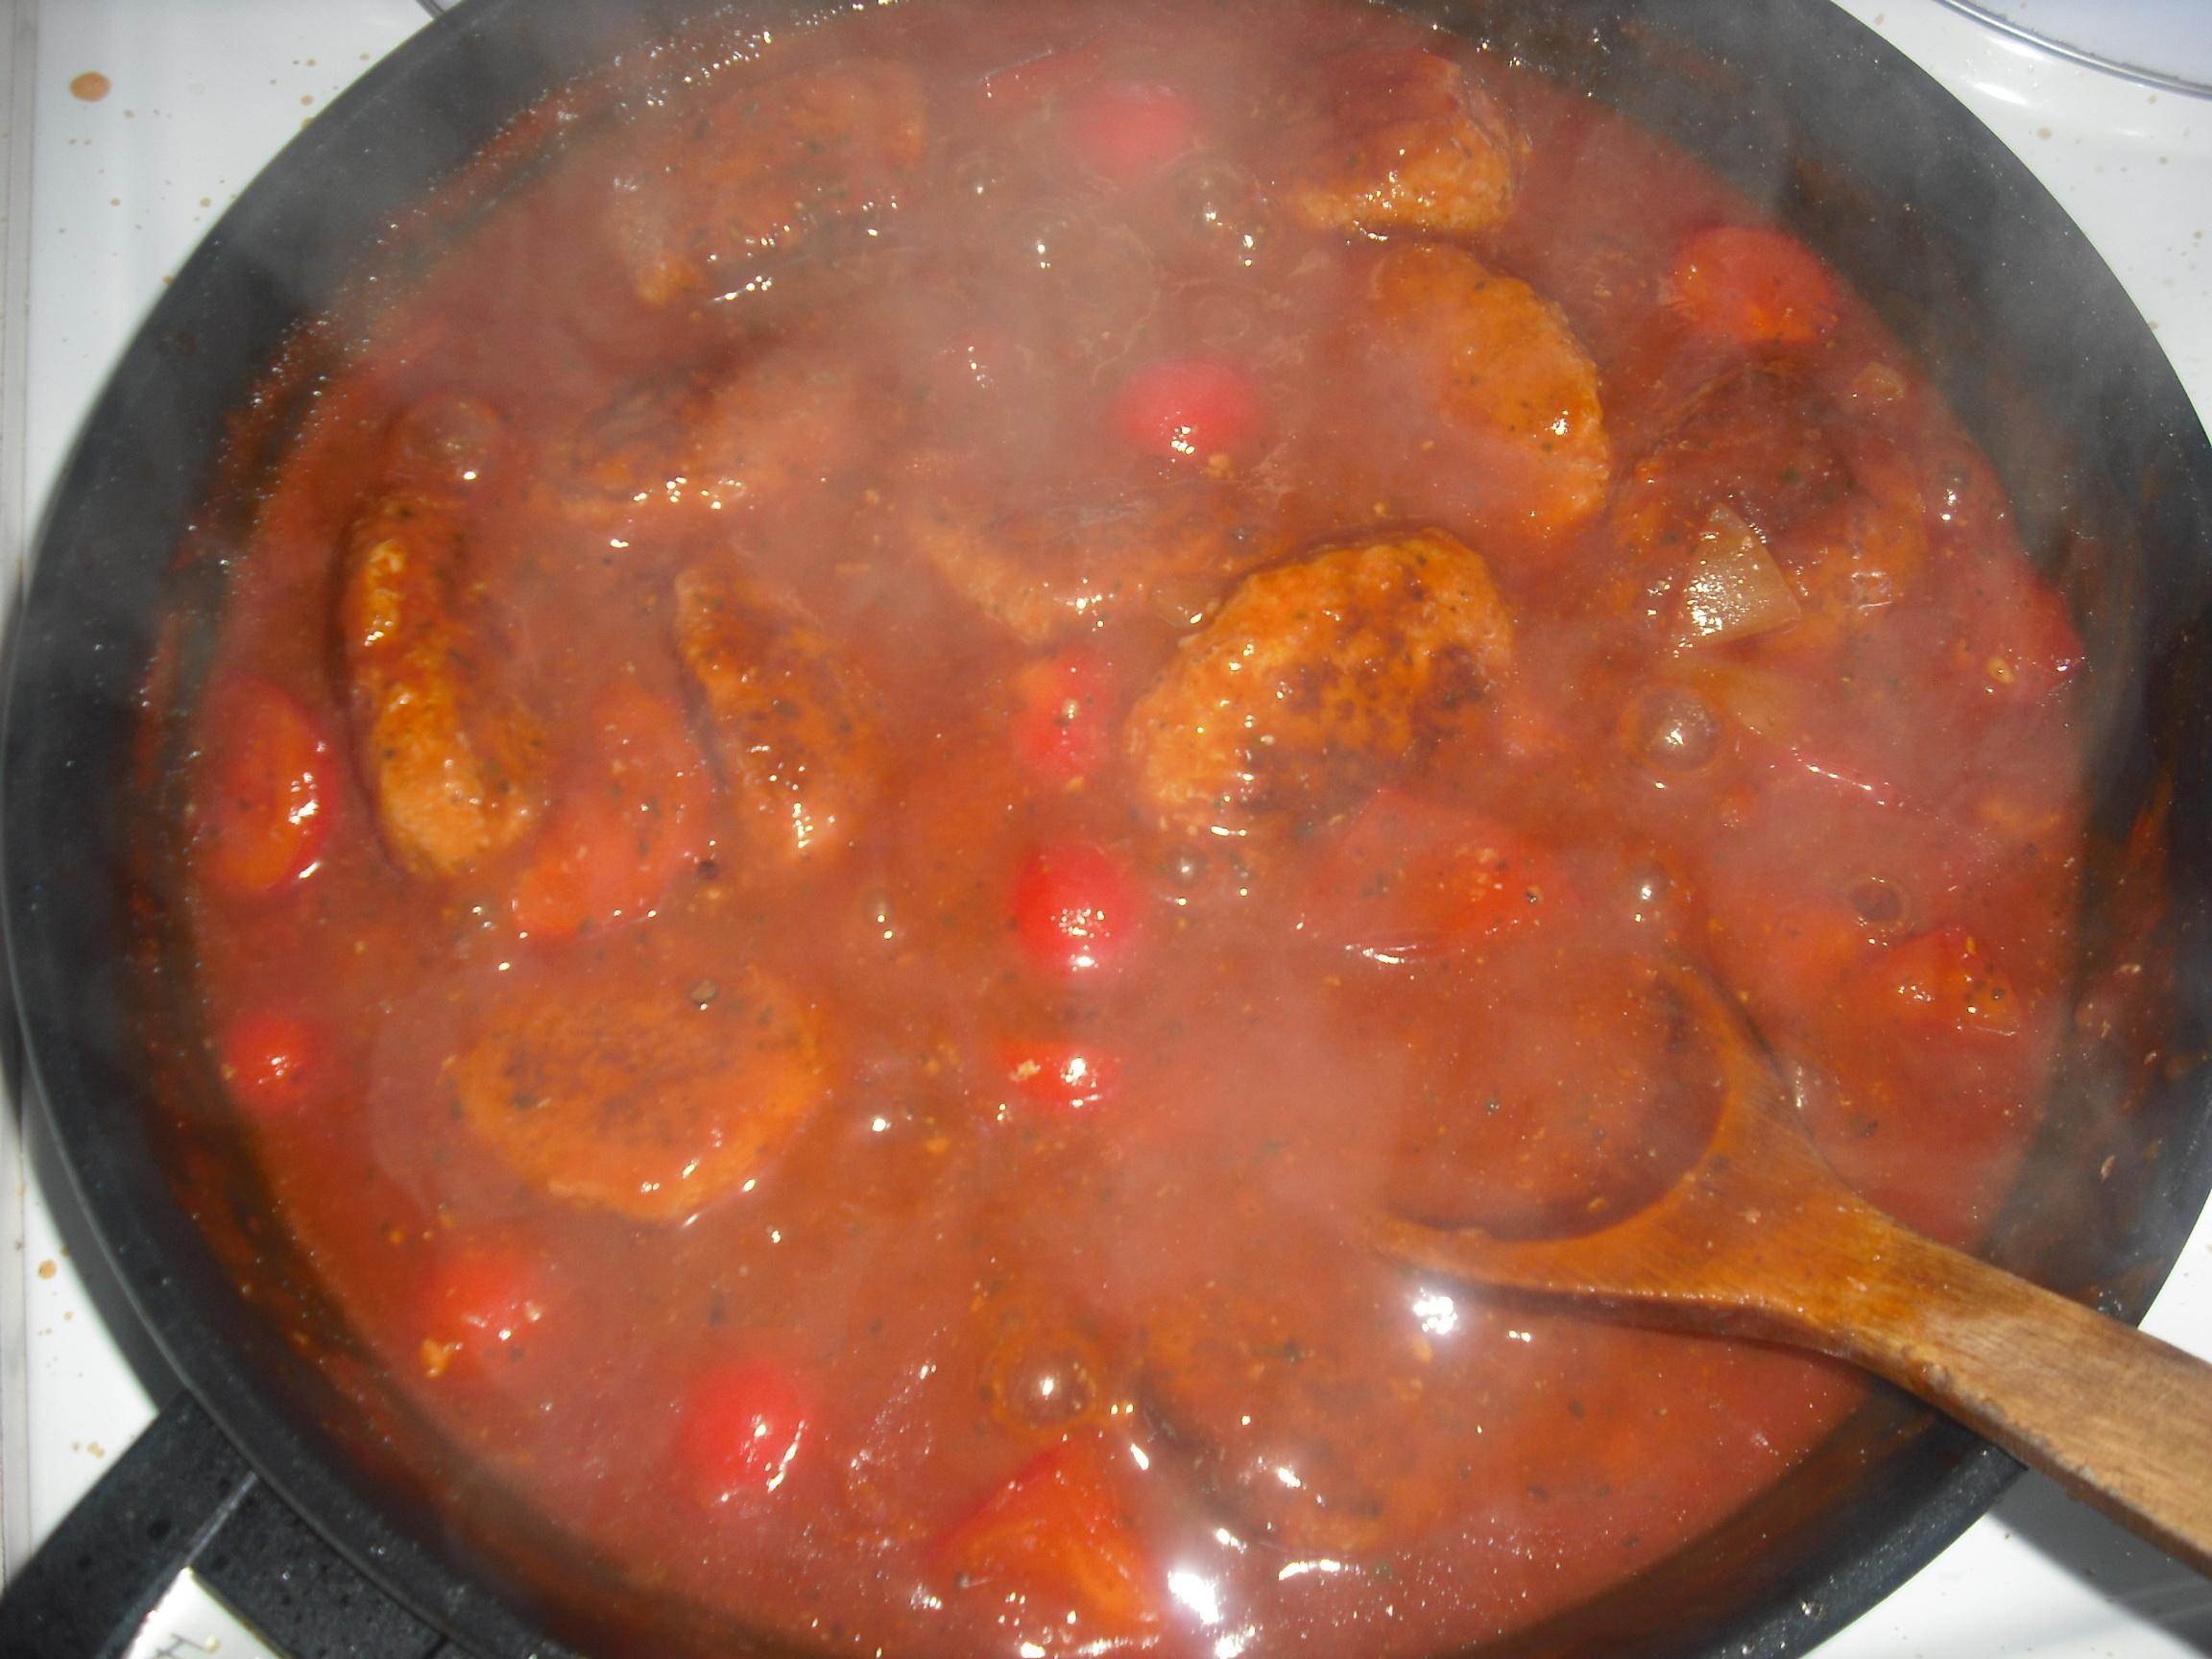 Albondigas en salsa de tomate, spanska köttbullar i tomatsås